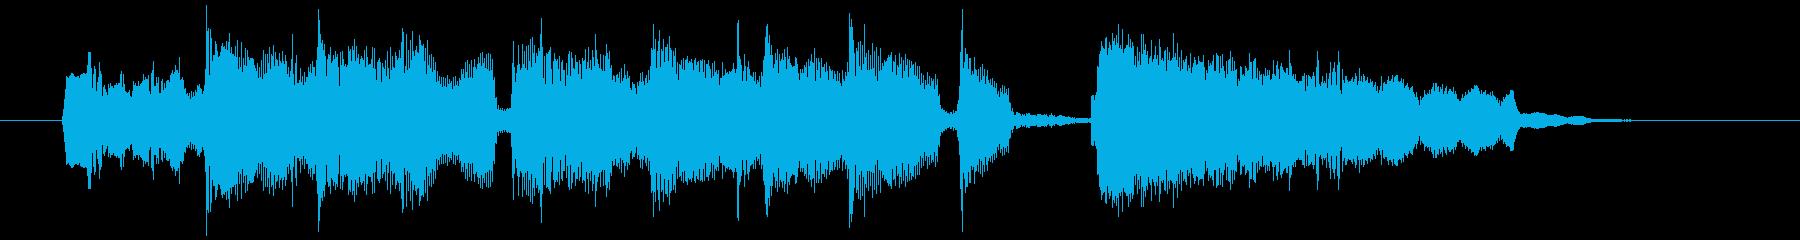 15秒のゆったりボサノバジングルの再生済みの波形